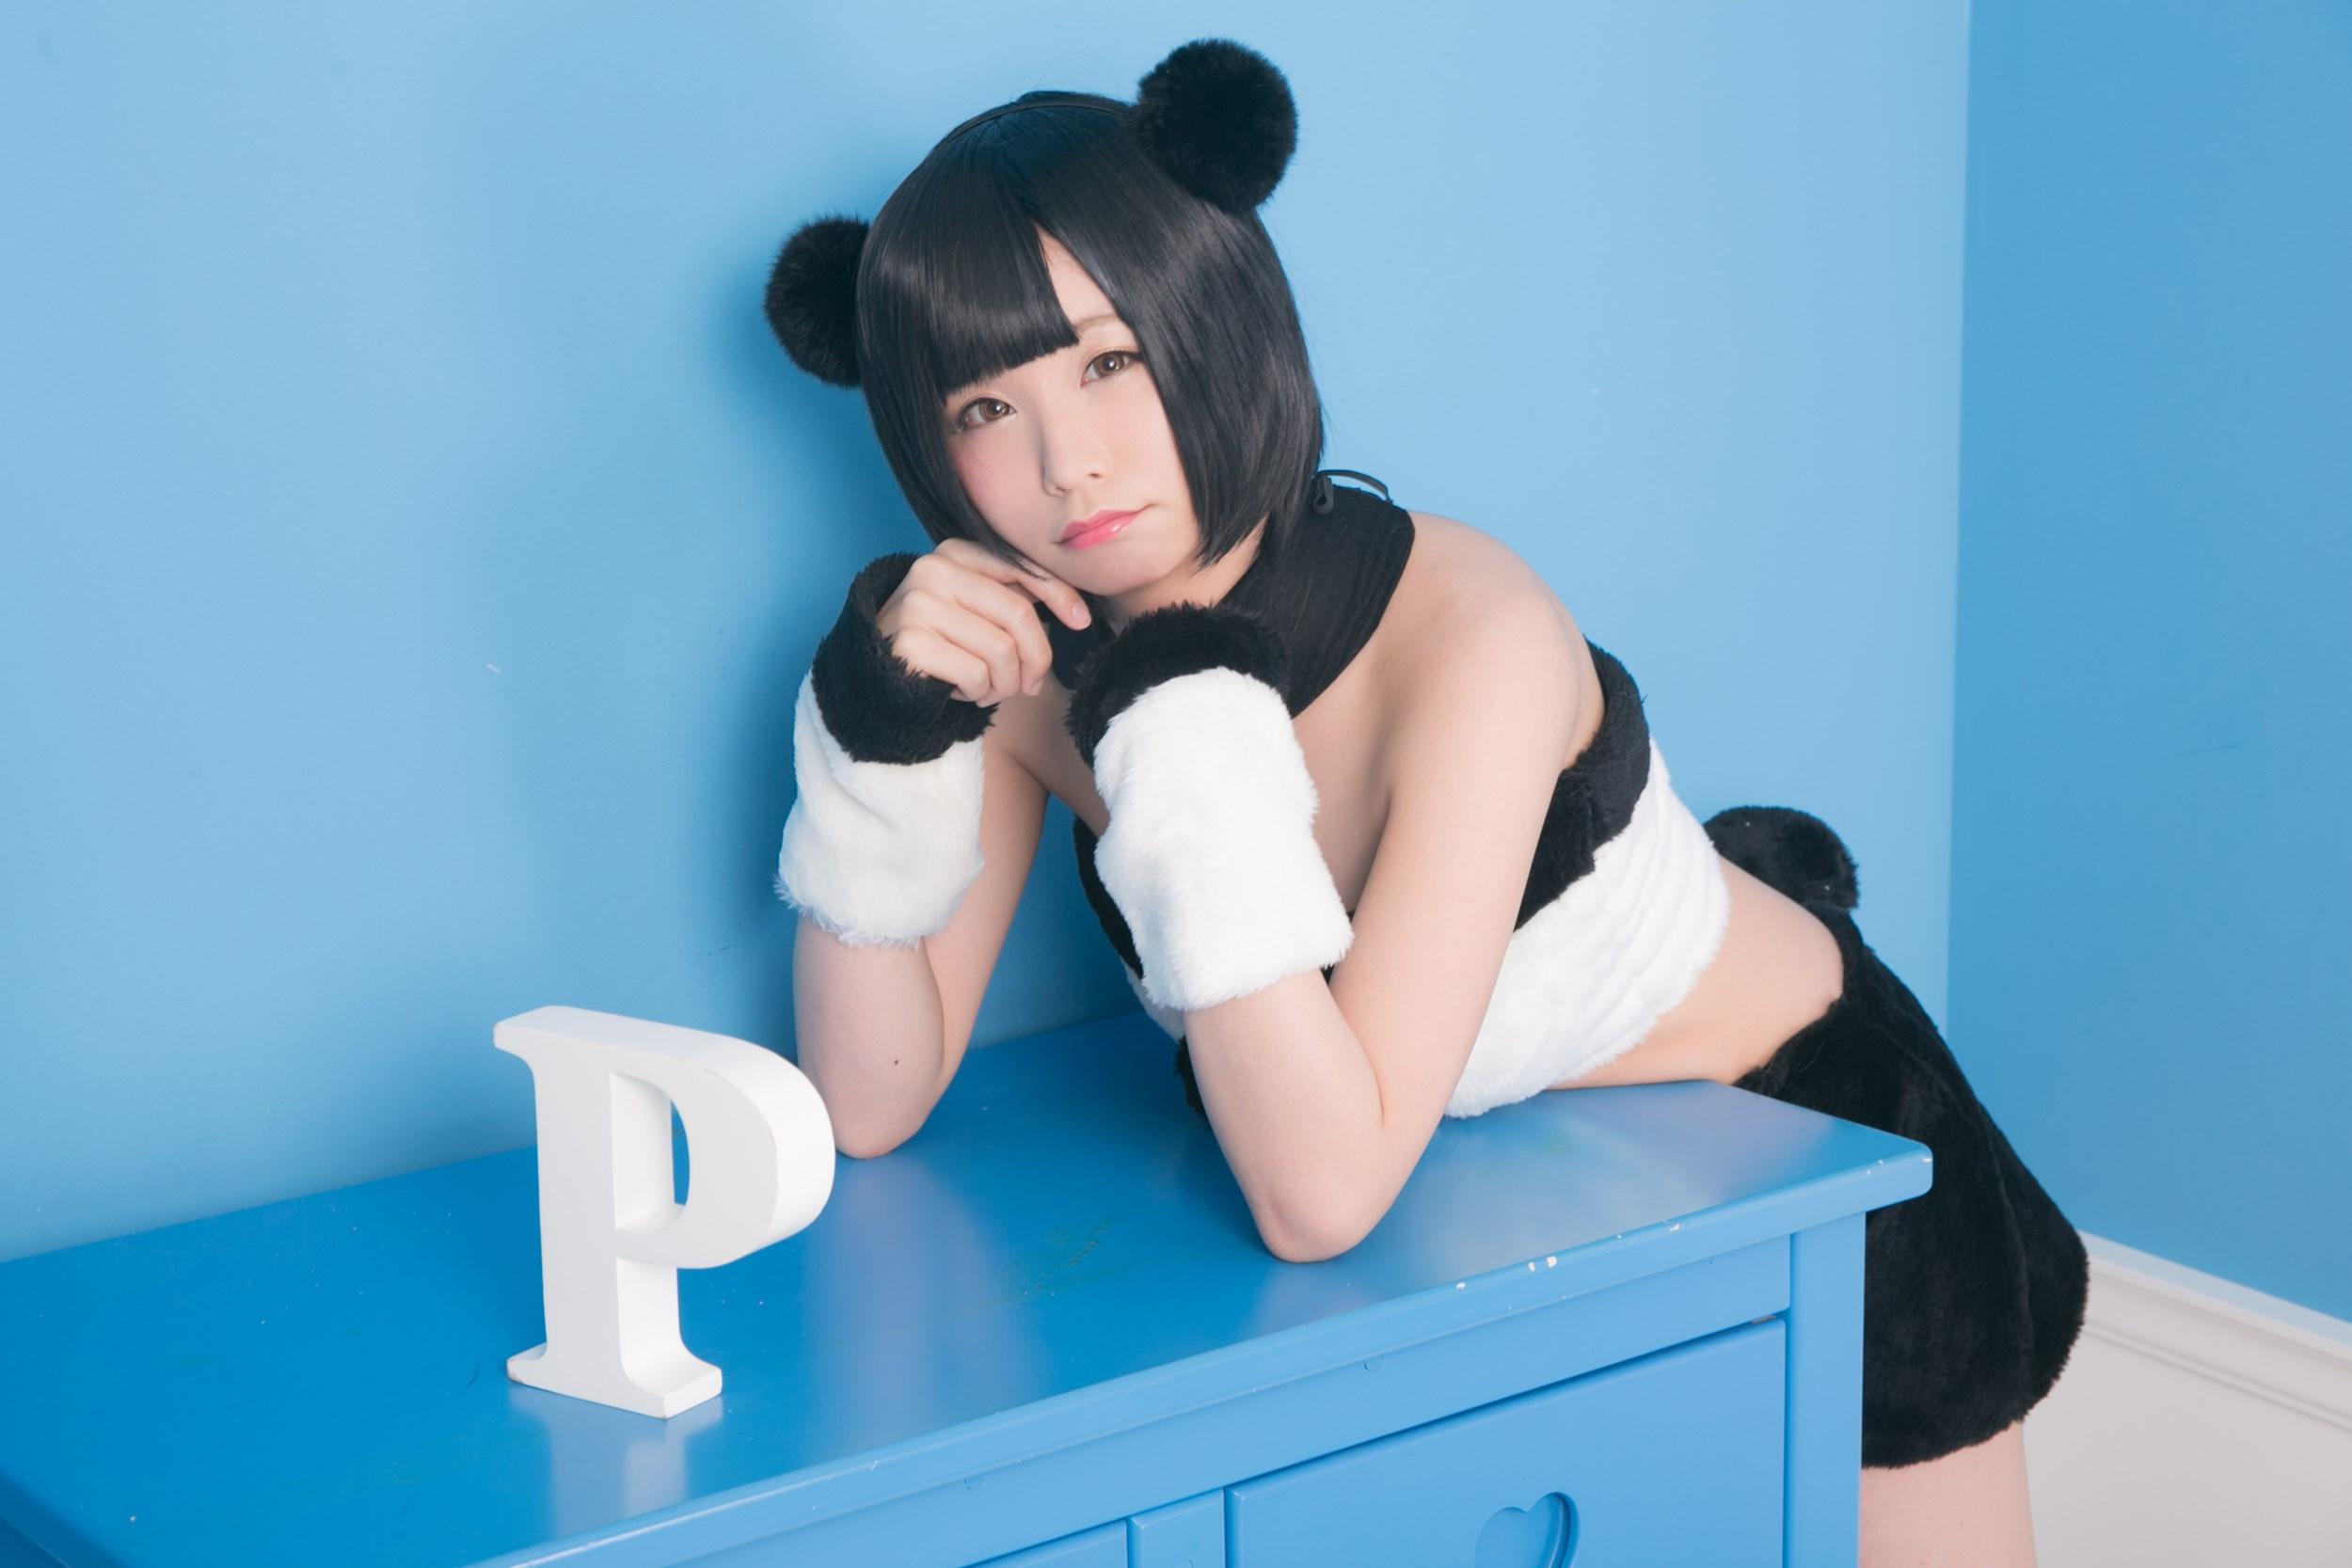 【兔玩映画】熊猫娘 兔玩映画 第11张